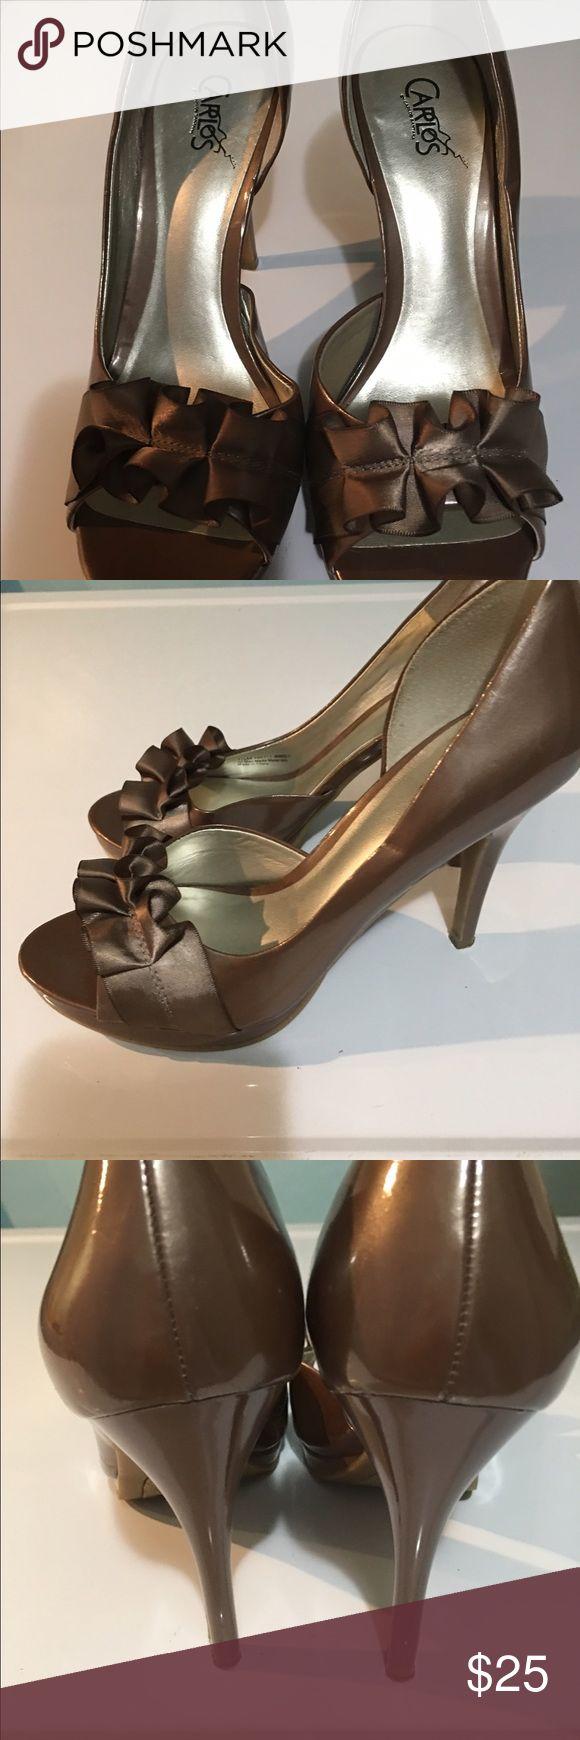 """Beautiful TALL heels that are Carlos Santana's These are beautiful!!!! Very high heels 5""""...beautiful neutral color. Carlos Santana Shoes Heels"""